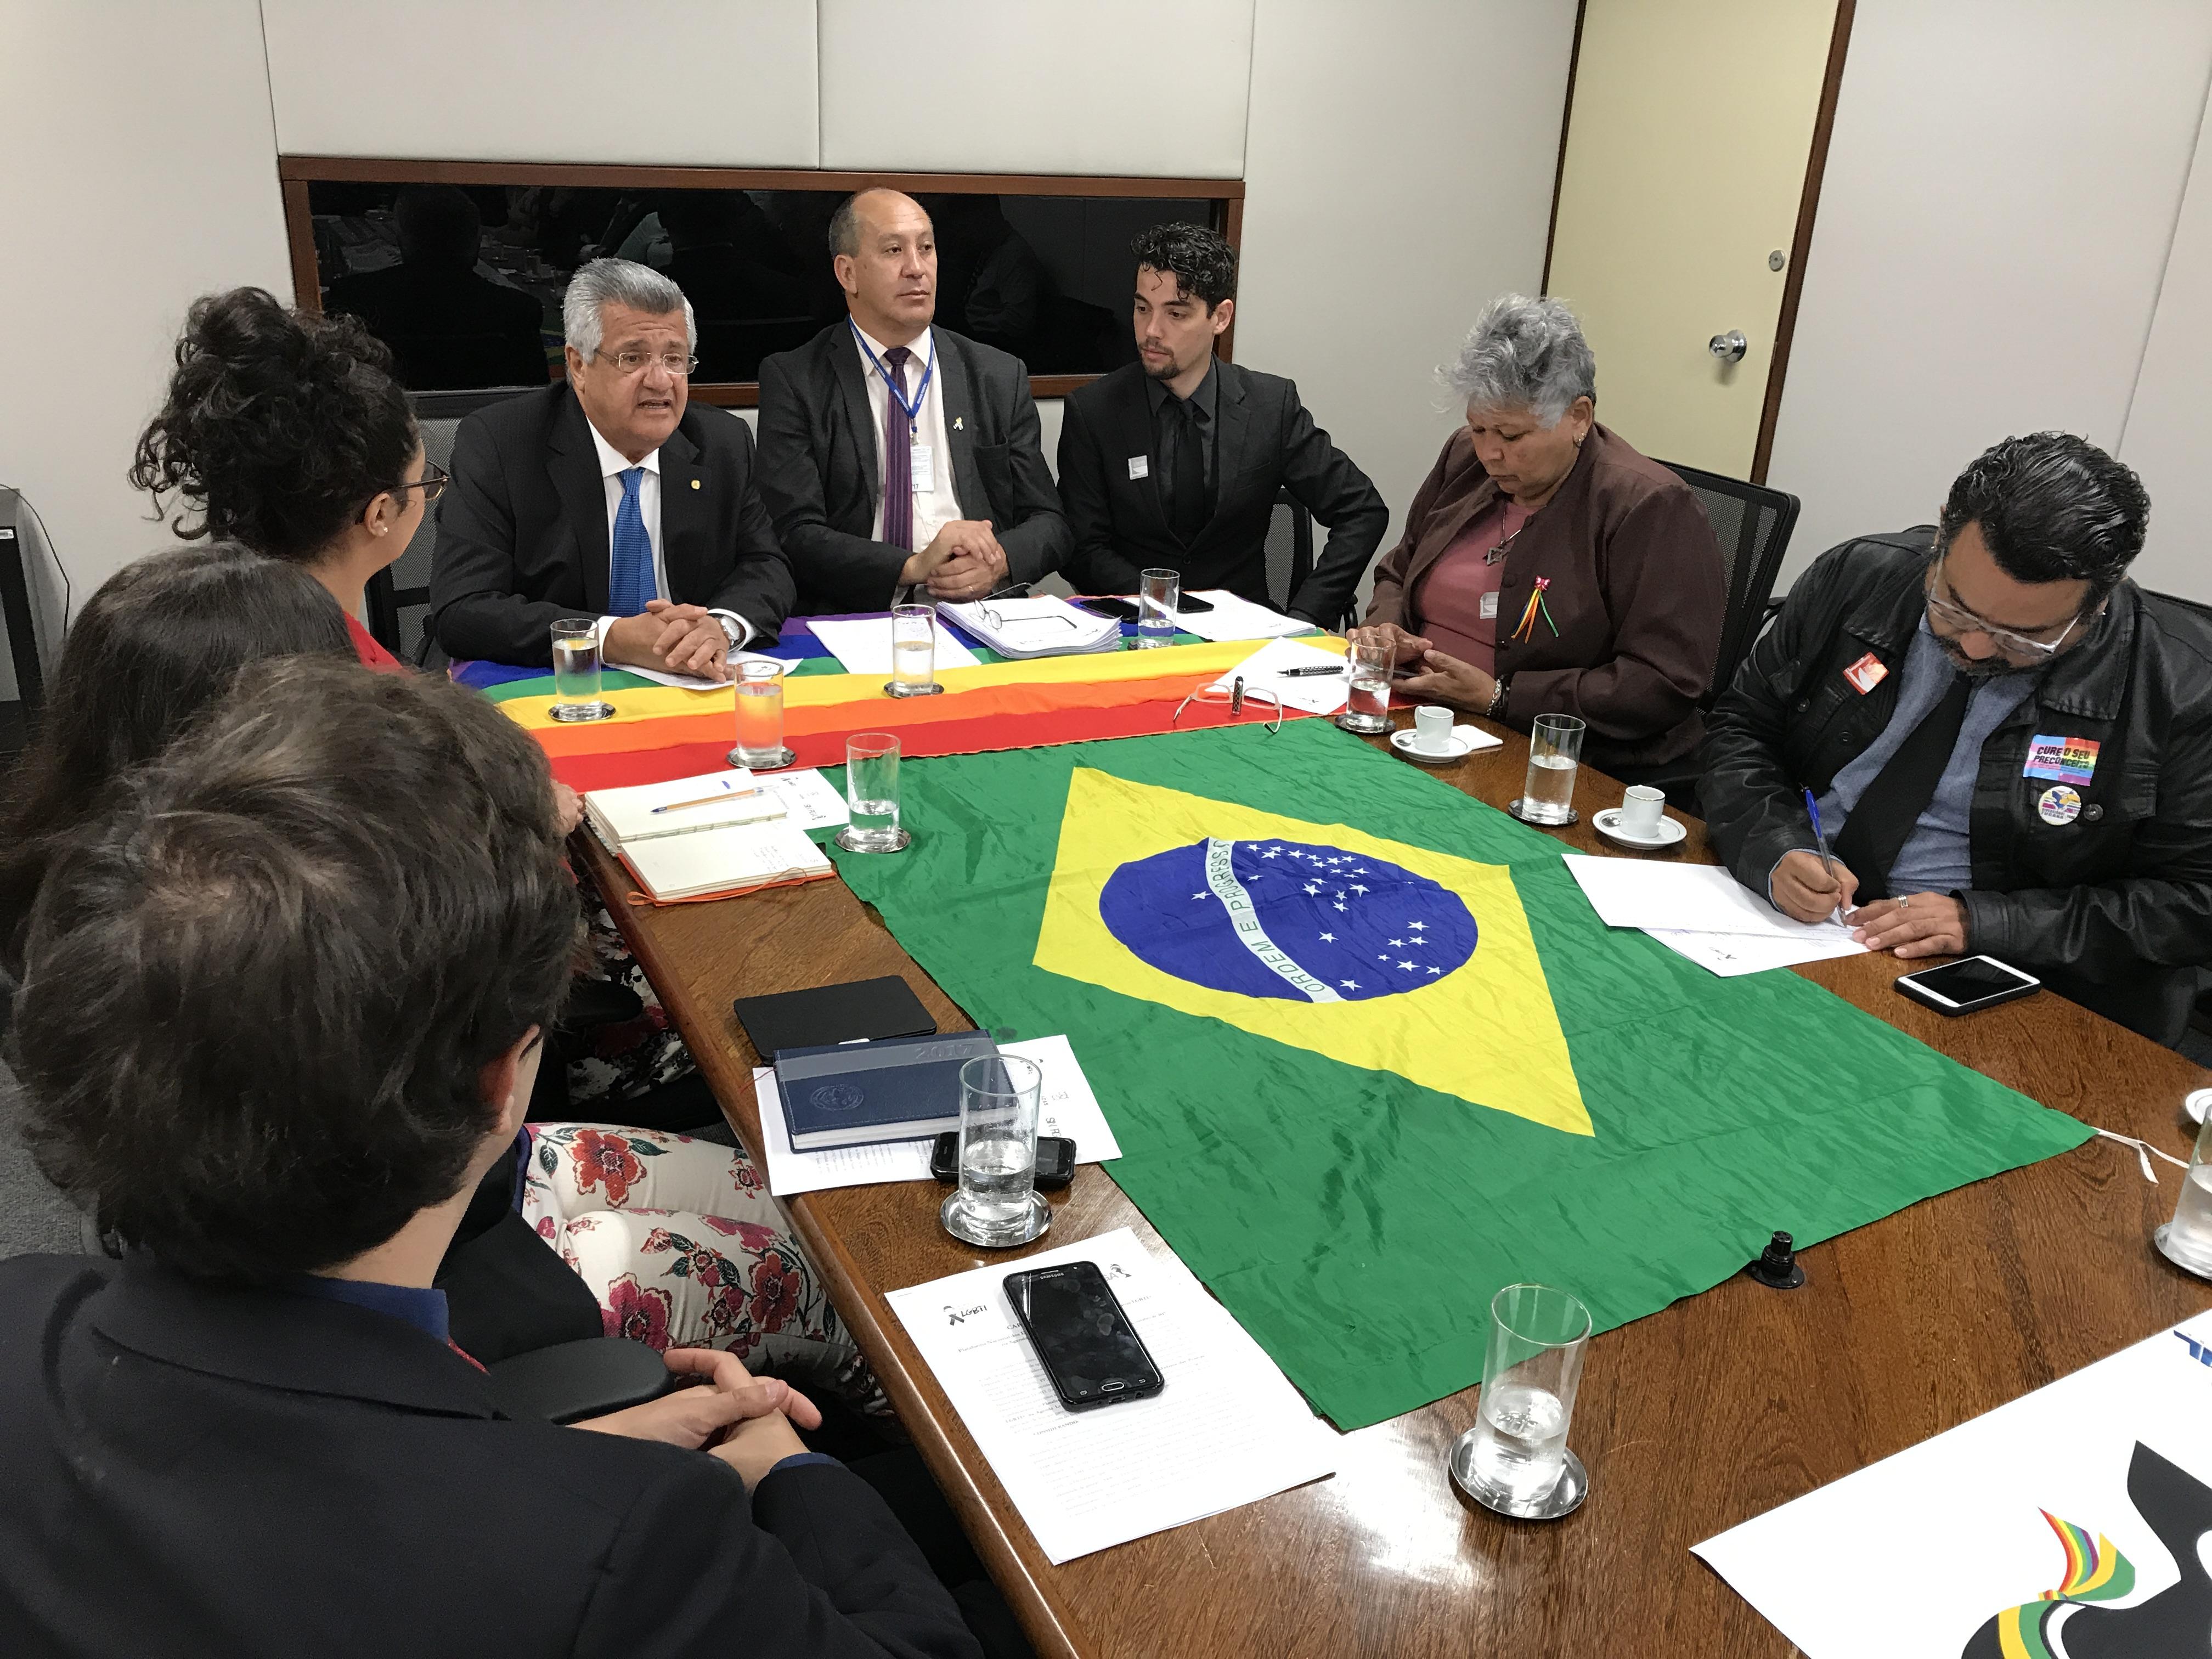 Bacelar defende celeridade na agenda legislativa LGBTI